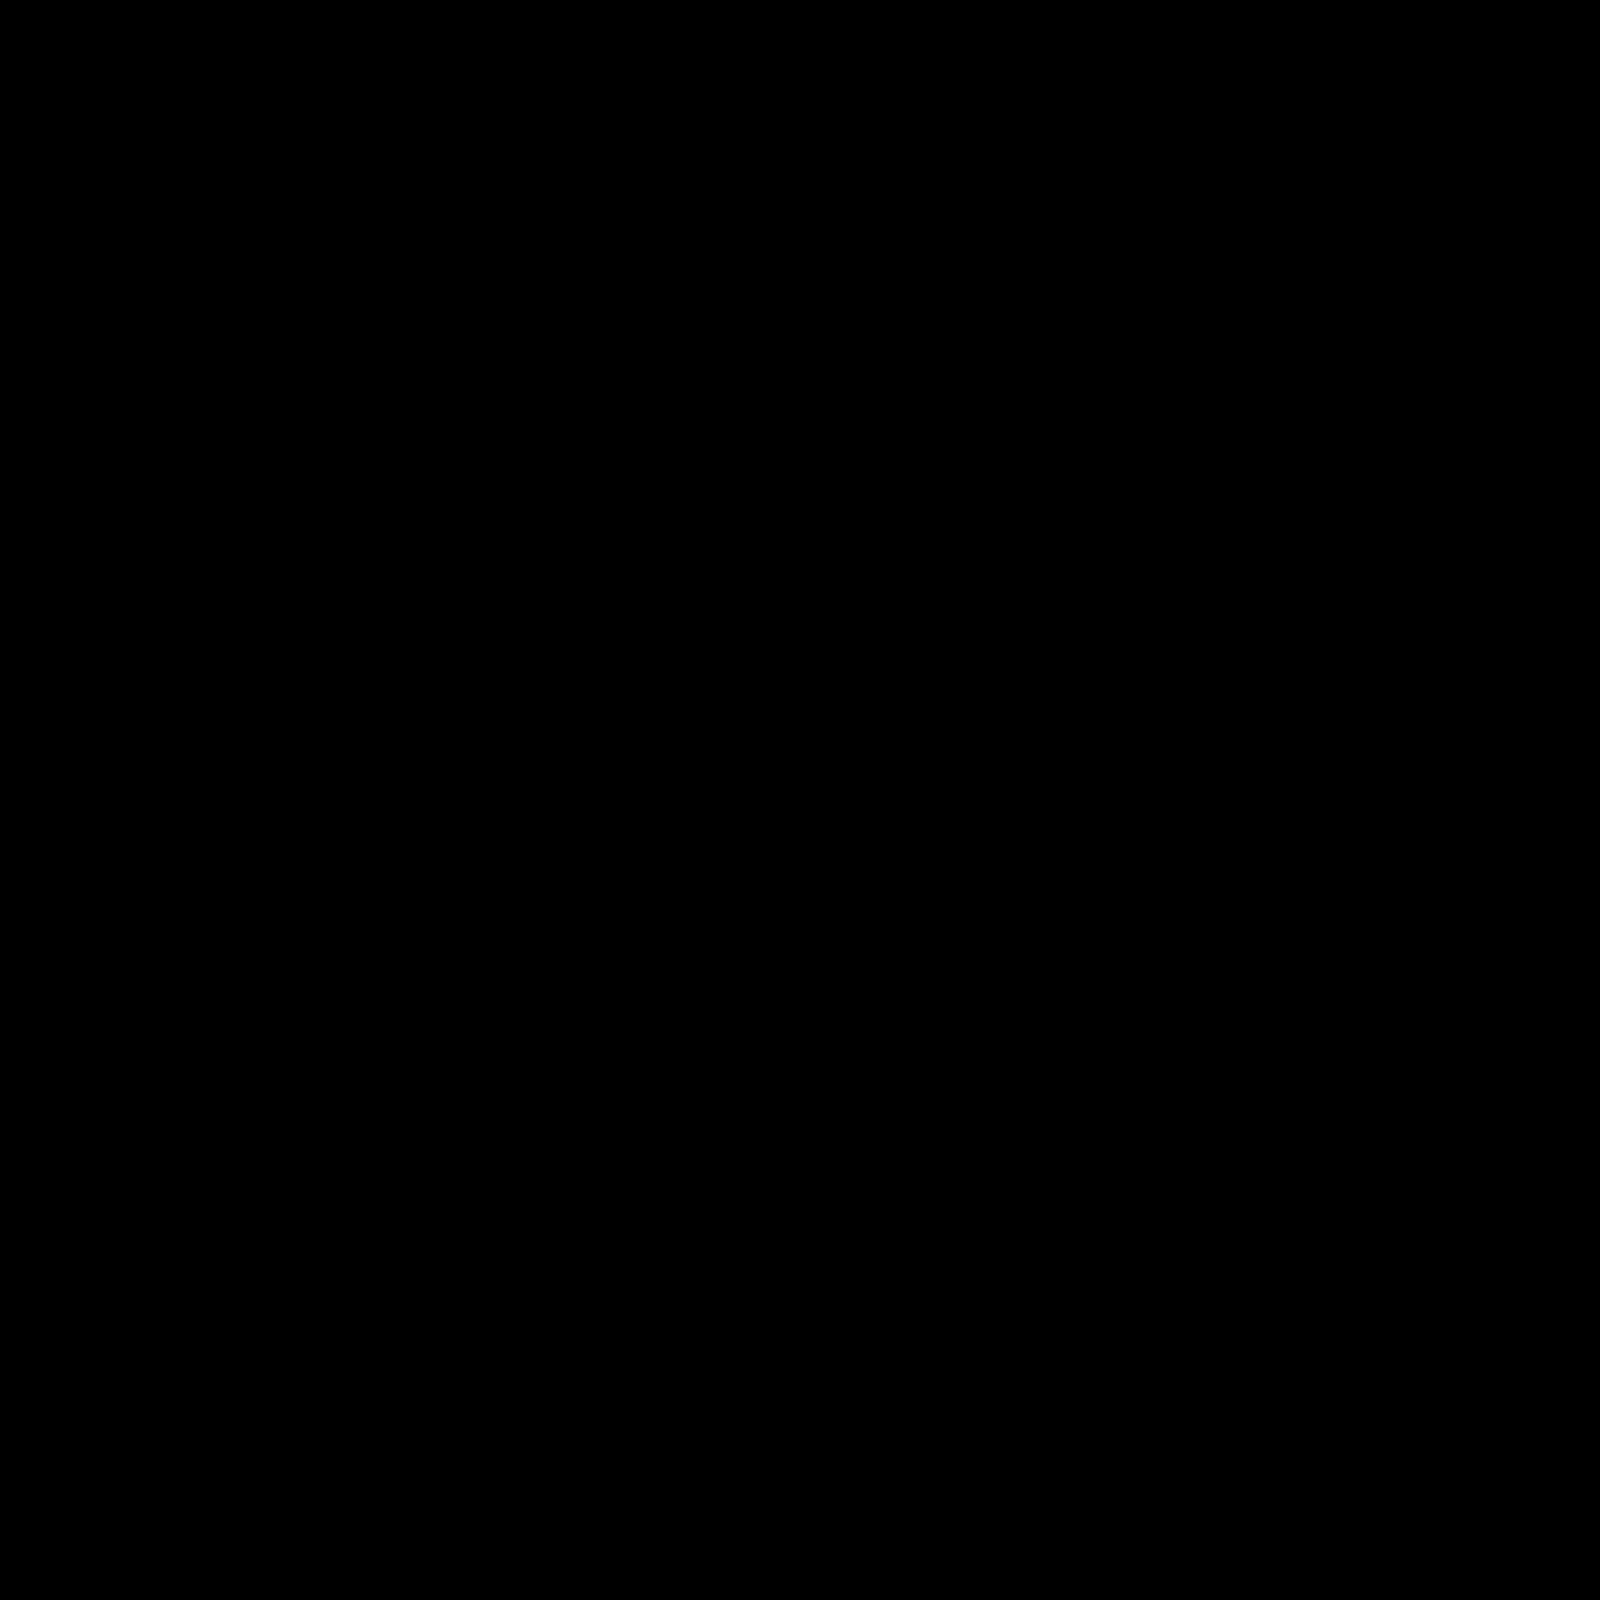 考试 icon. The exam icon is presented by a piece of paper, it is a rectangle shape object with a folded corner. In the corner there is a grade in the center such as an A+. The letter is on the paper to represent that it is a graded exam.